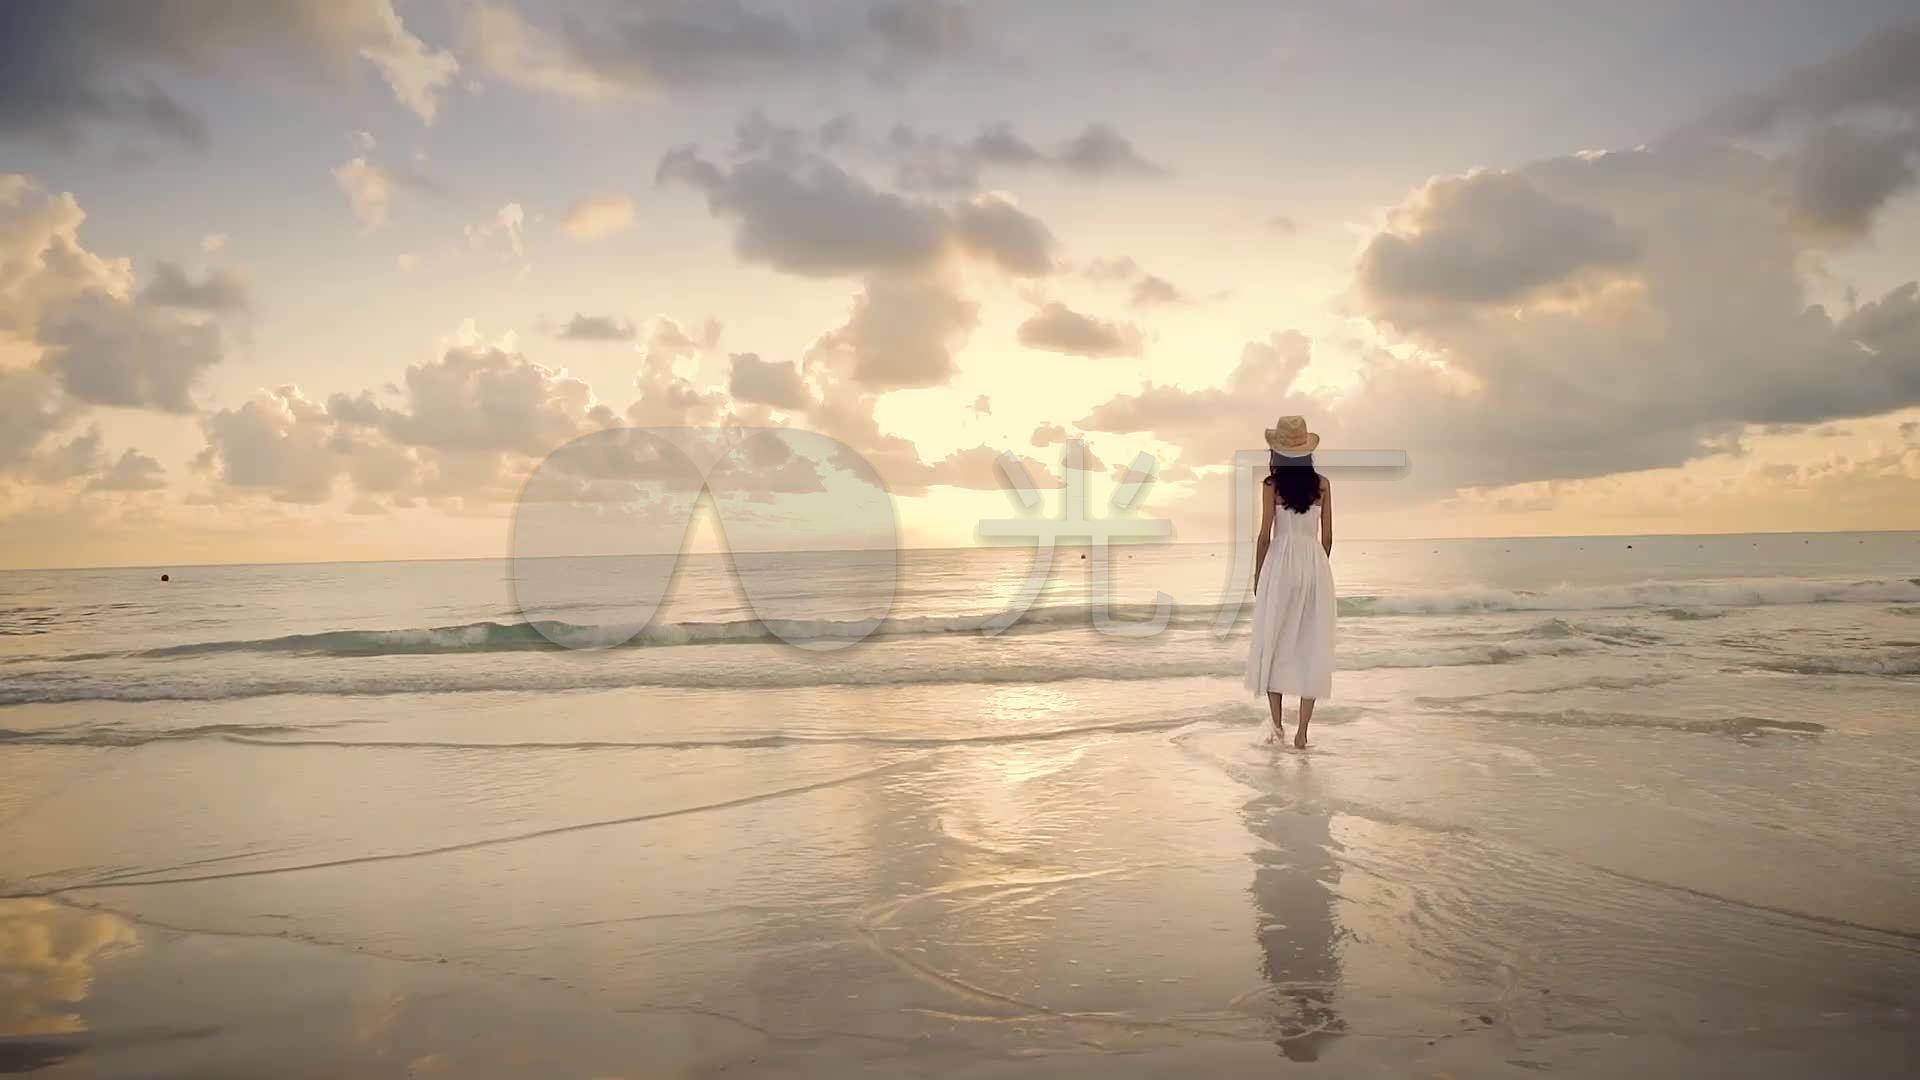 唯美a美女海边美女白裙美女女孩漫步_1920X1印度的v美女沙滩图片